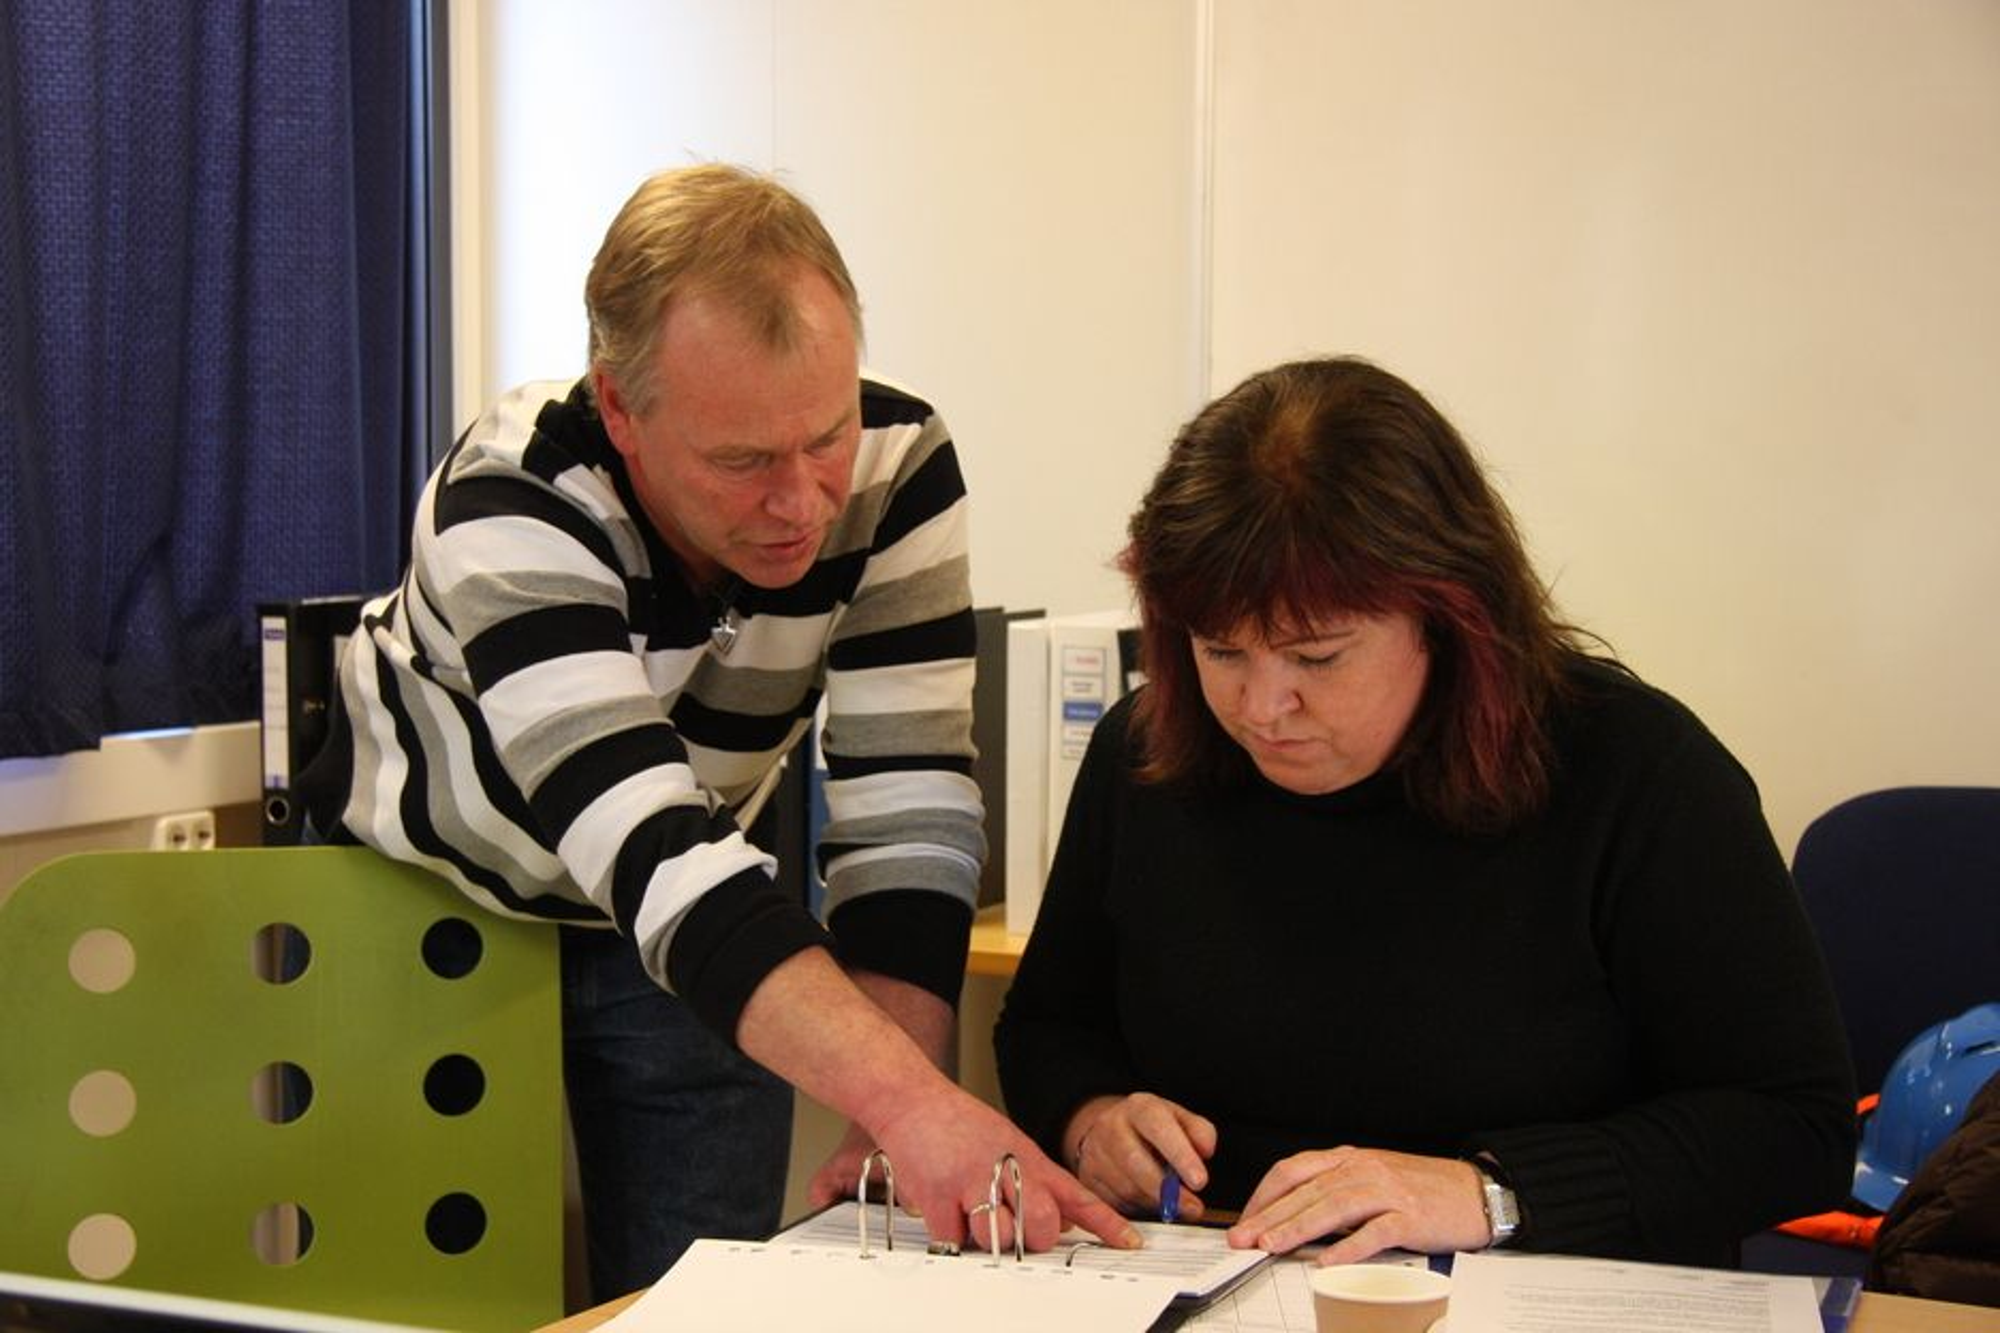 KONTROLL: Geir Nygård, prosjektleder hos Selvaag må dokumentere overfor Karin Sivertstøl fra Vestfjorden byggtilsyn at kontrollrutinene er på plass.